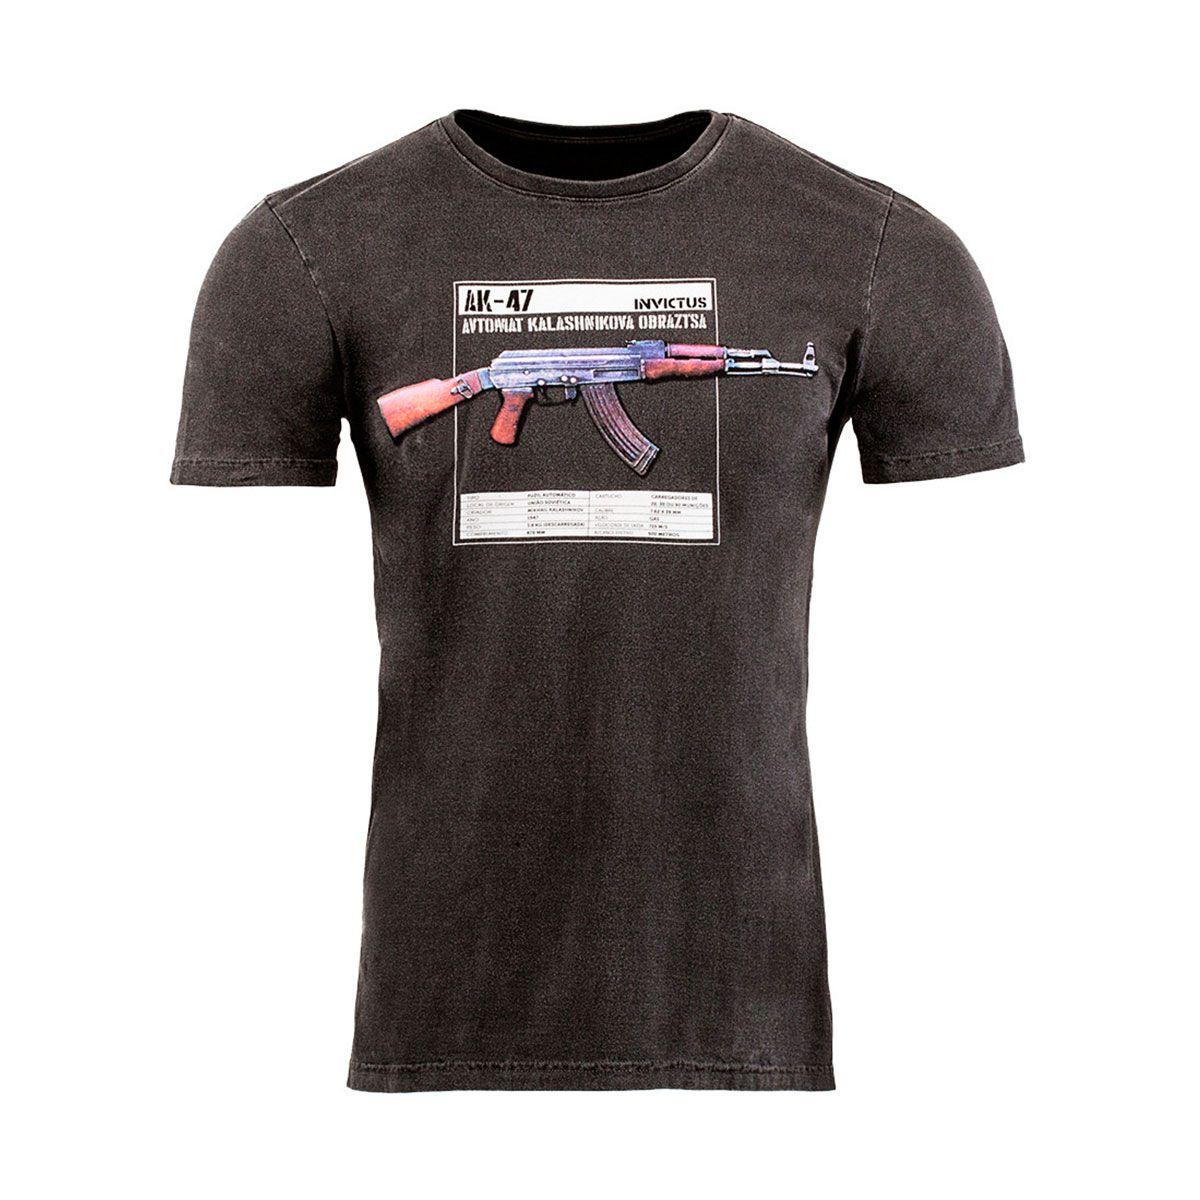 Camiseta T-Shirt Invictus Concept Kalash